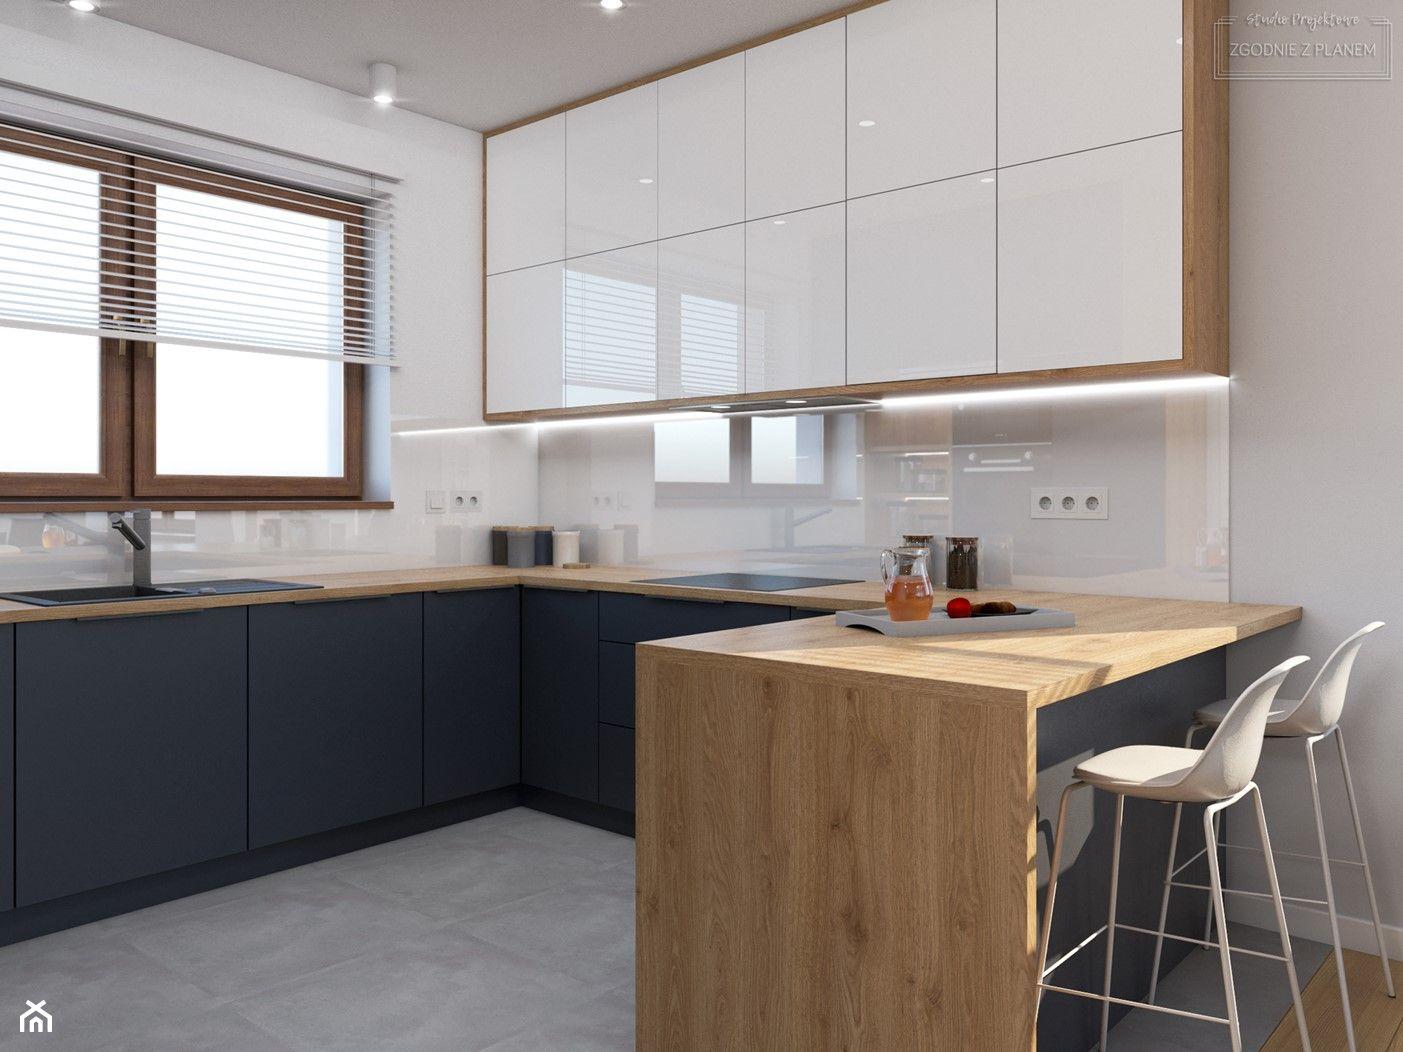 Kuchnia W Ksztalcie Litery U Aranzacje Pomysly Inspiracje Homebook Modern Kitchen Interiors Simple Kitchen Design Kitchen Design